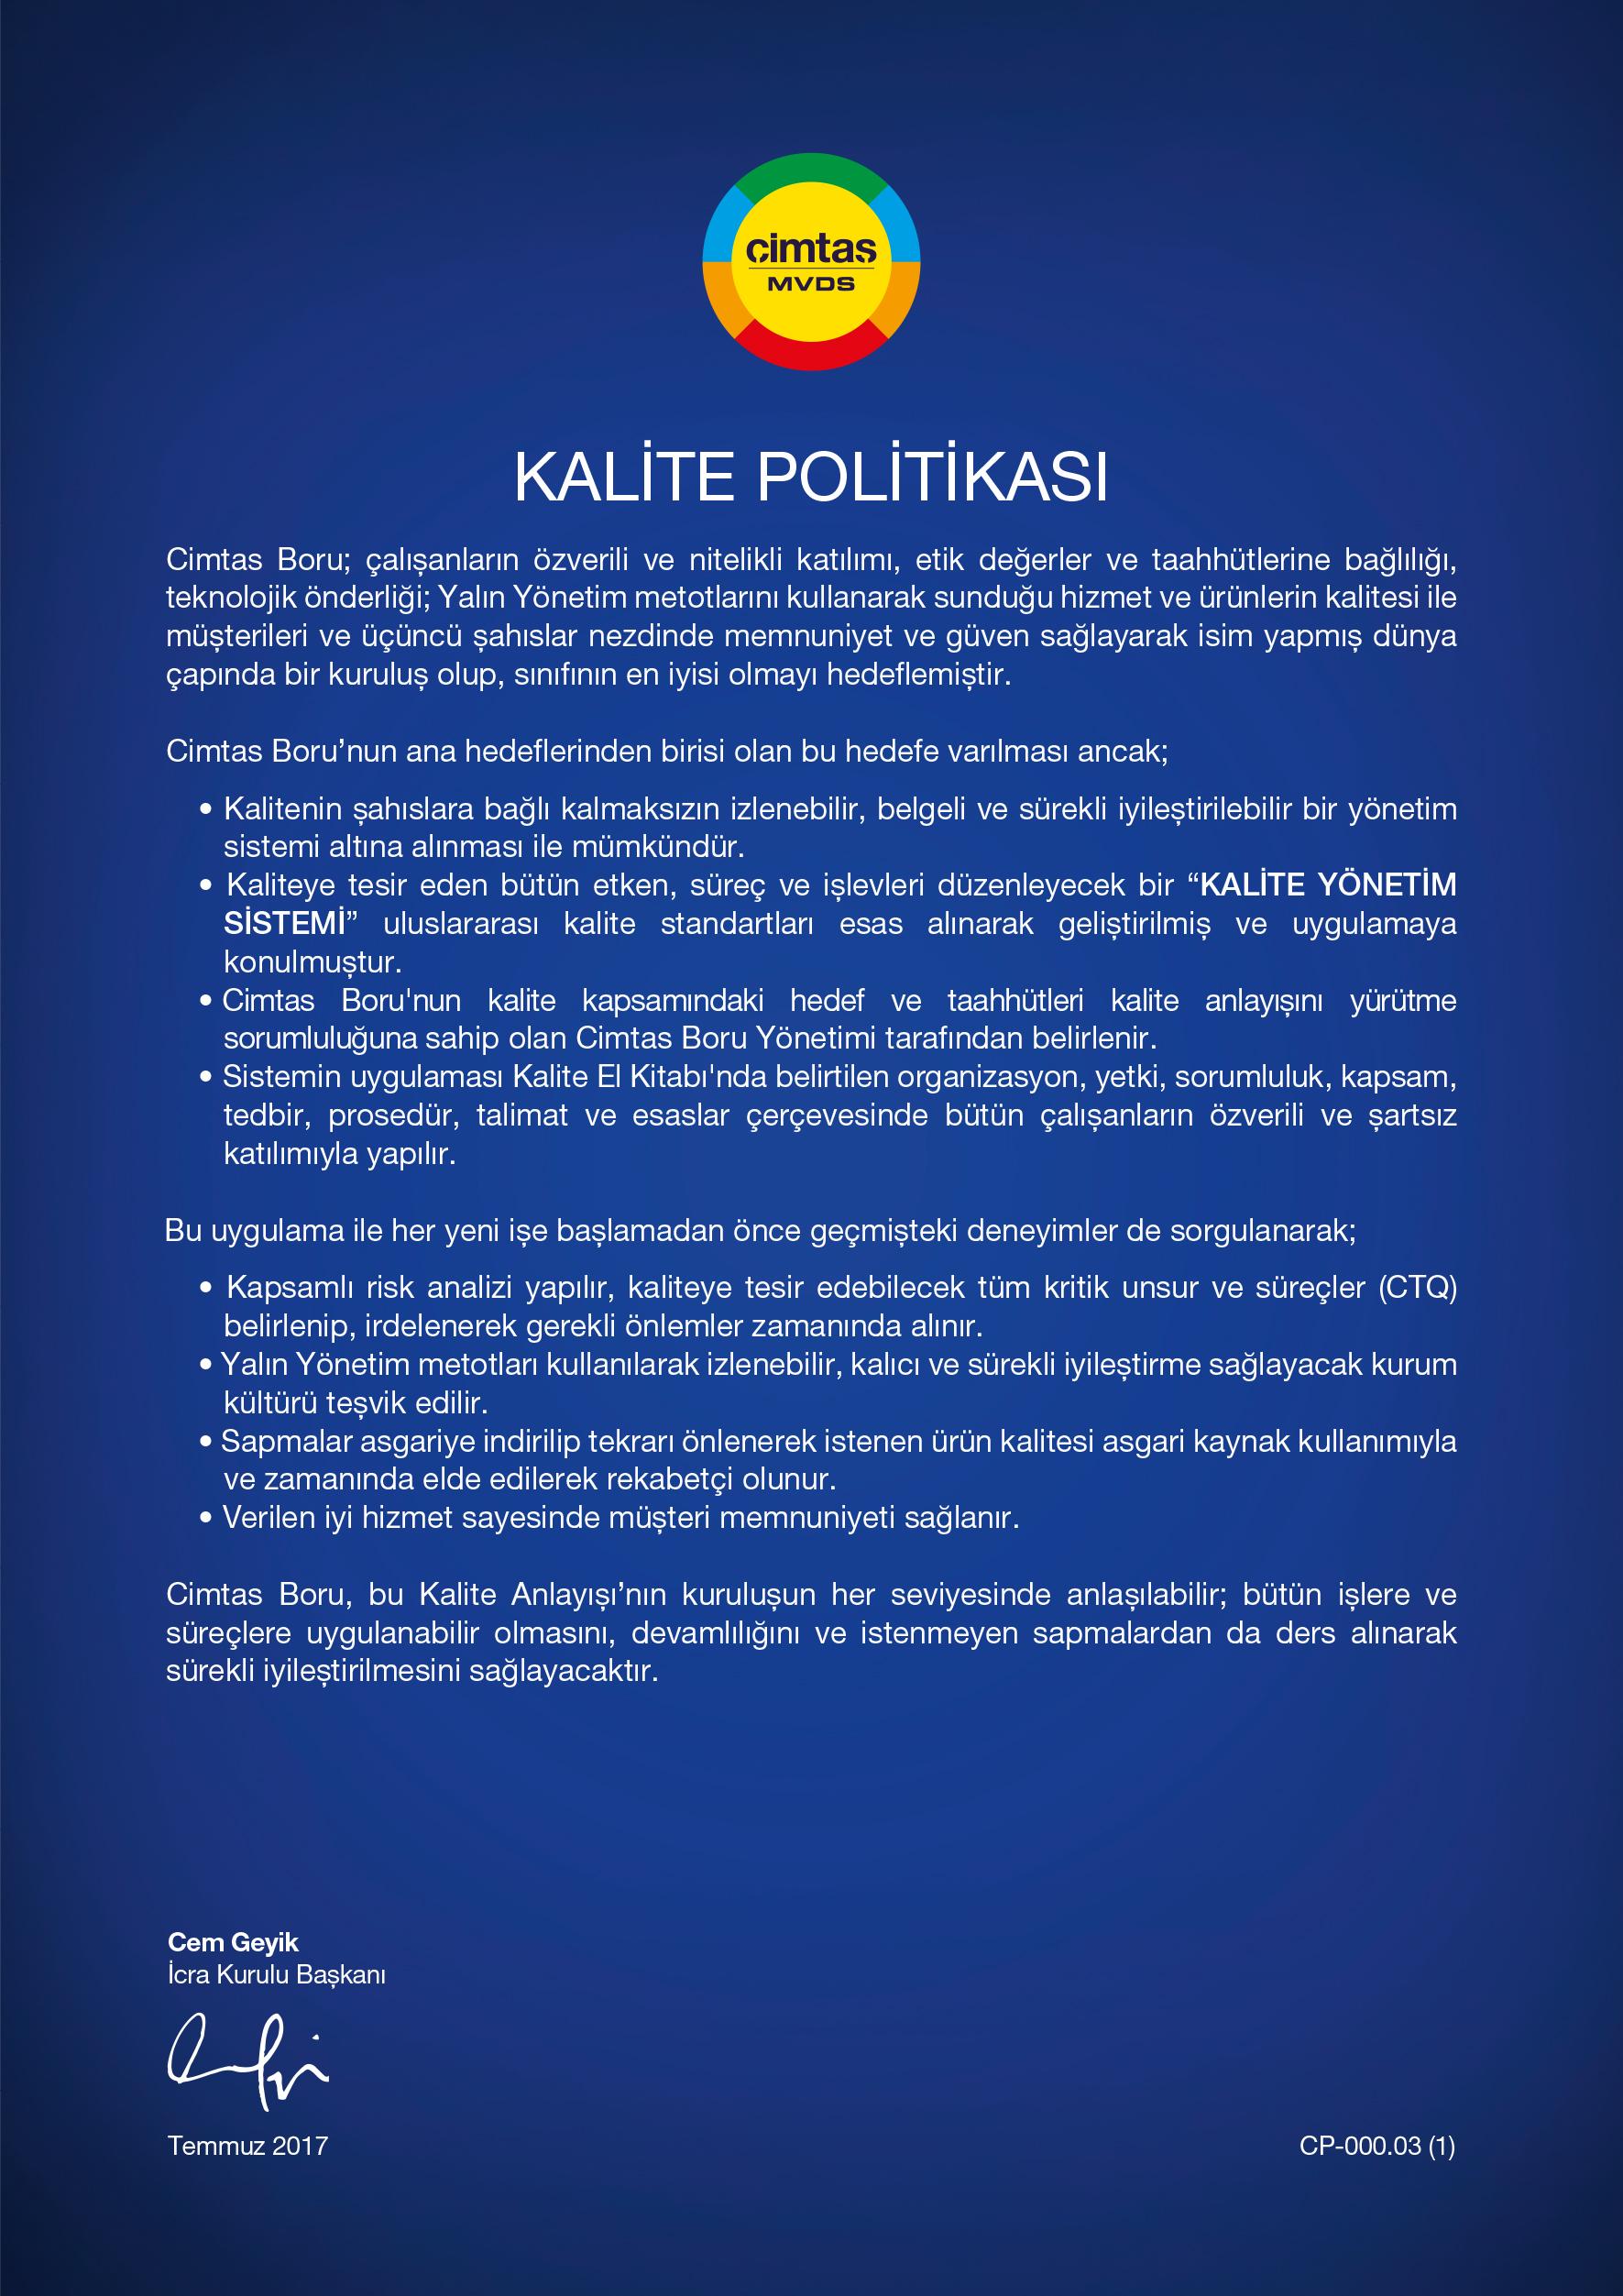 Kalite Politikasi